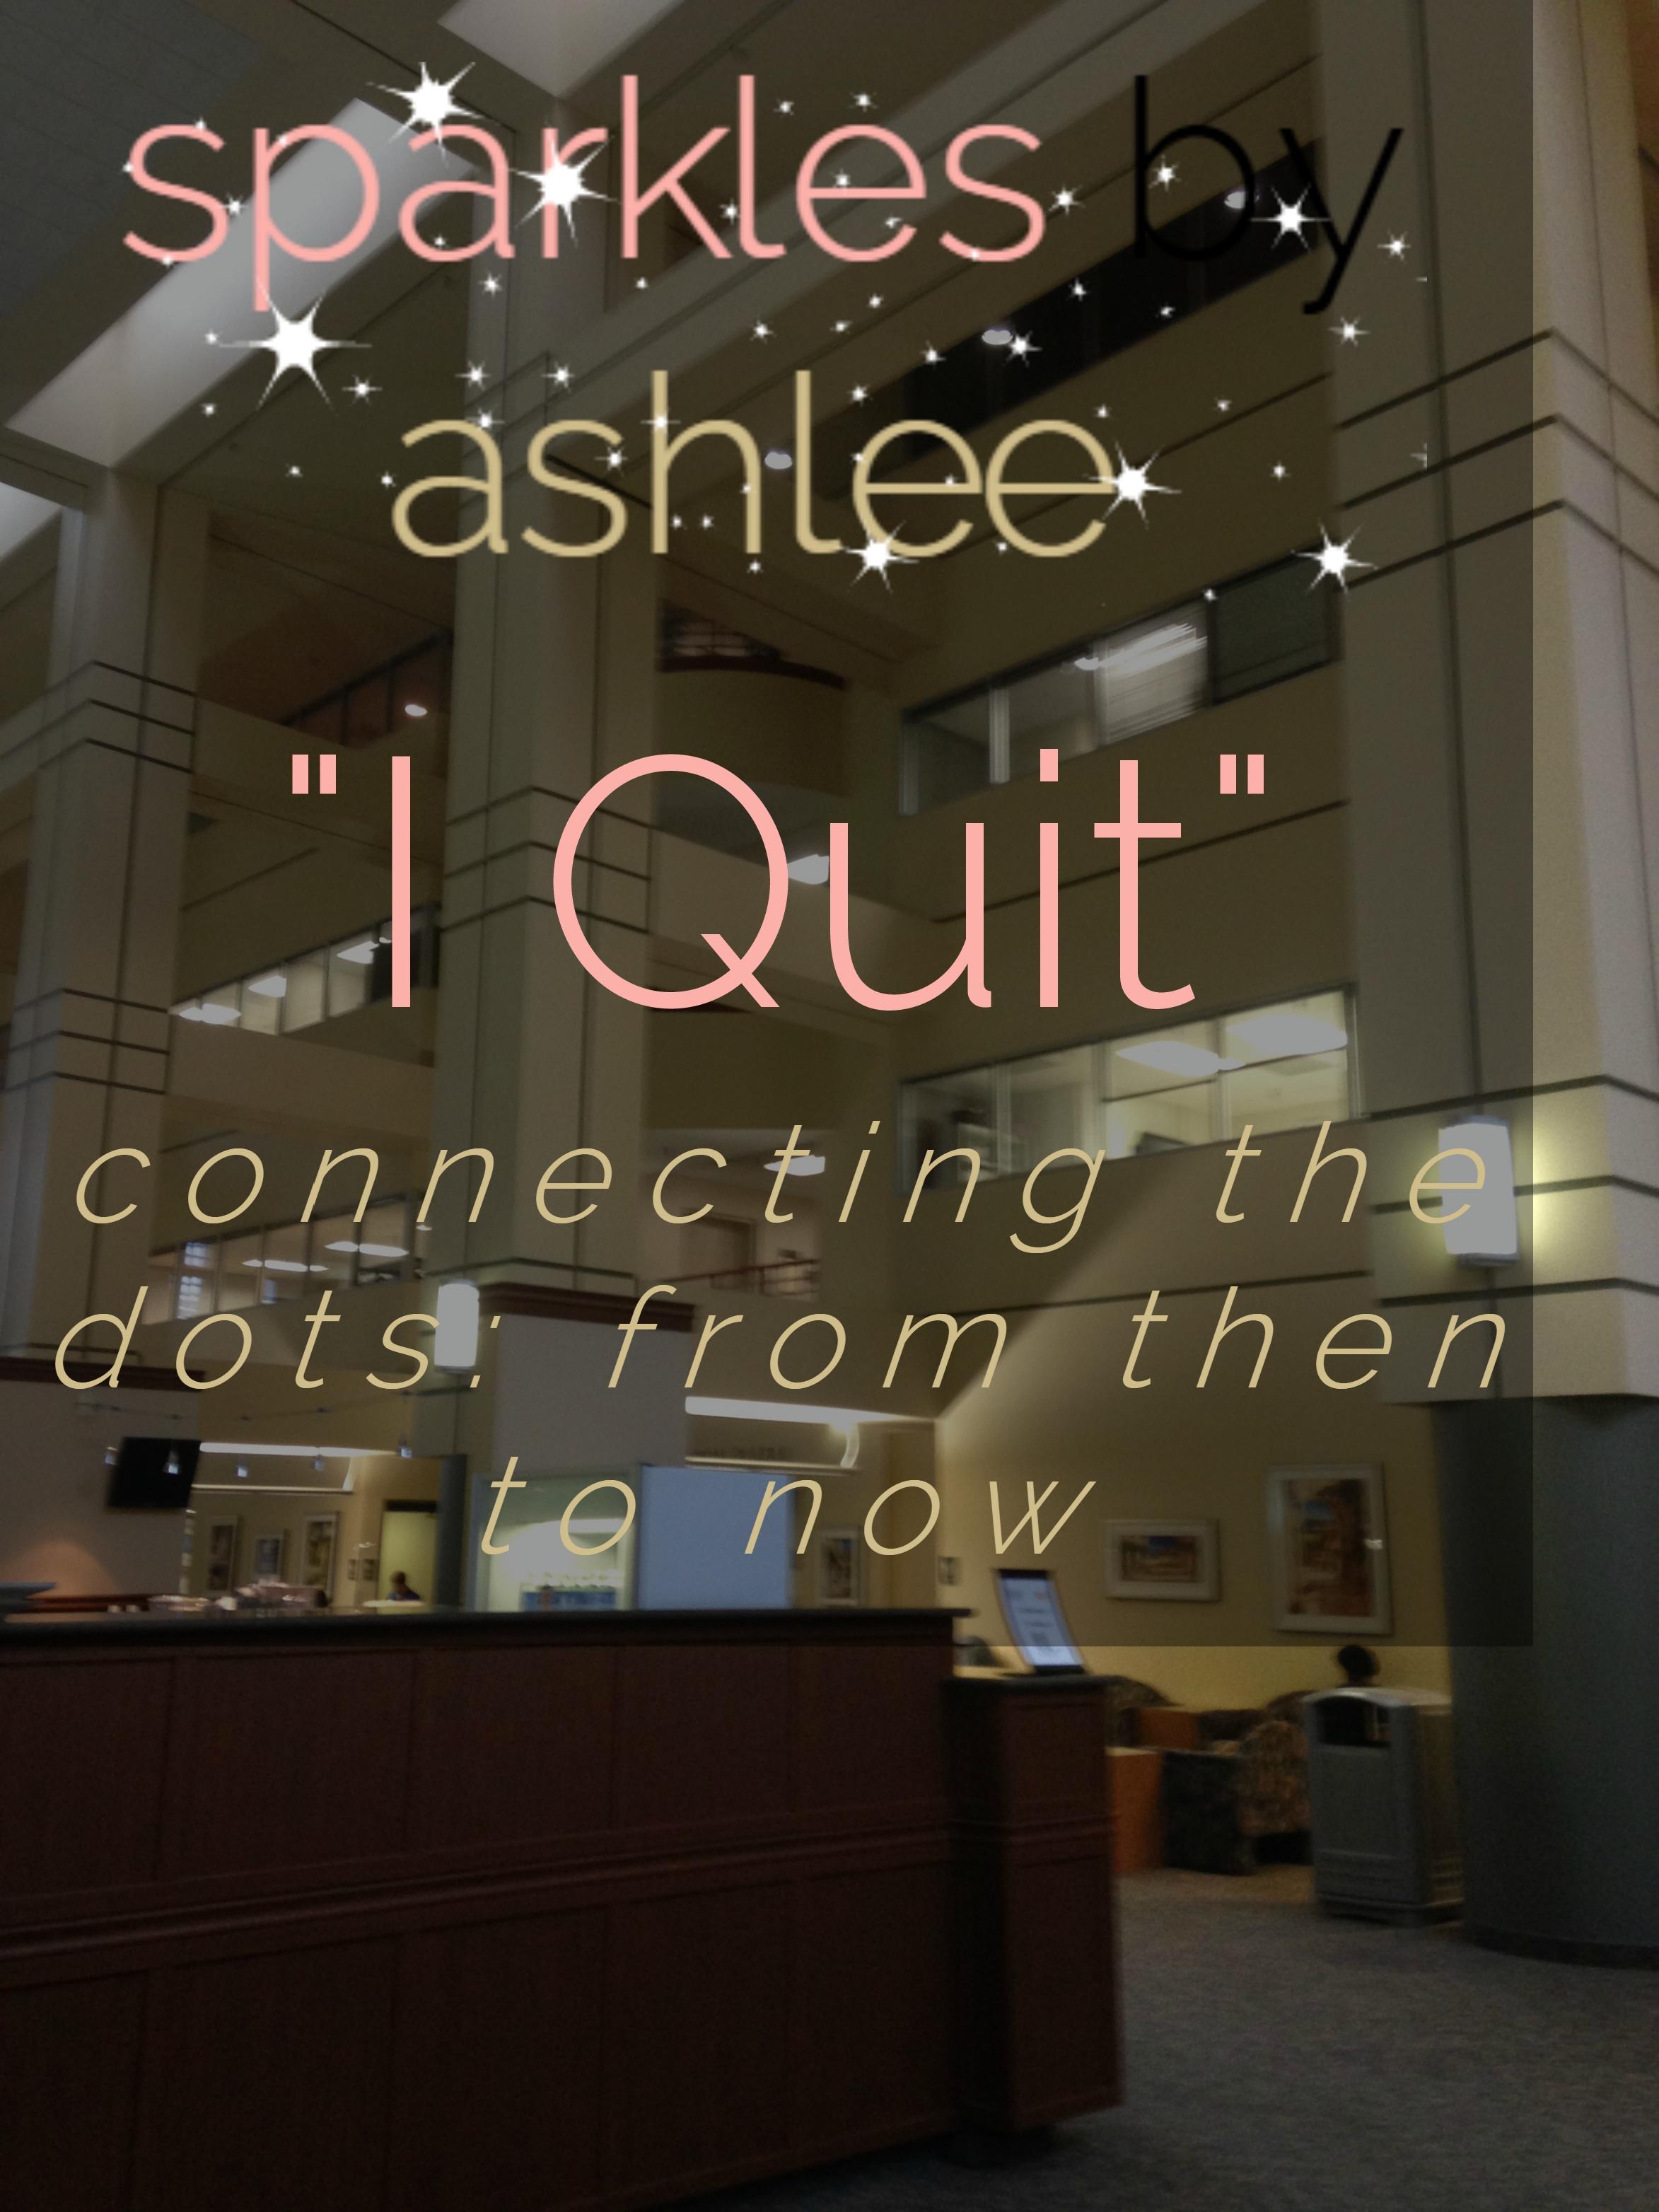 I-Quit-Sparkles-by-Ashlee.jpg